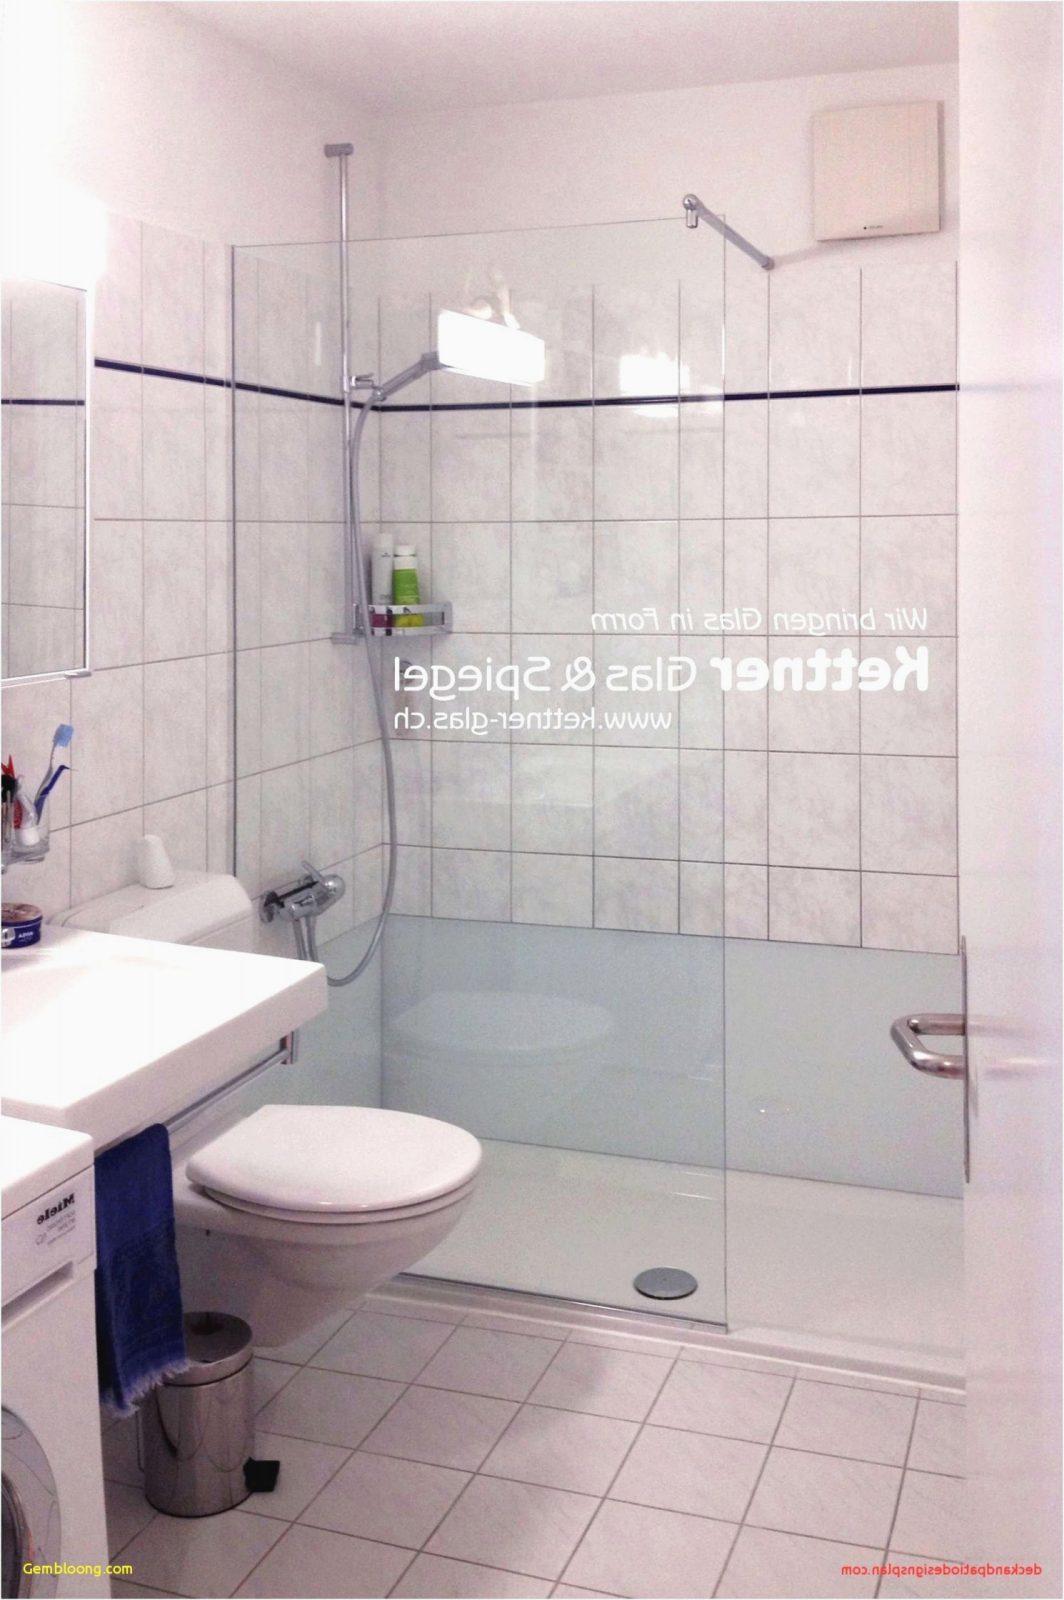 Badezimmer Umbau Kosten Schön Badezimmer Selber Renovieren Kosten von Bad Selber Renovieren Kosten Bild